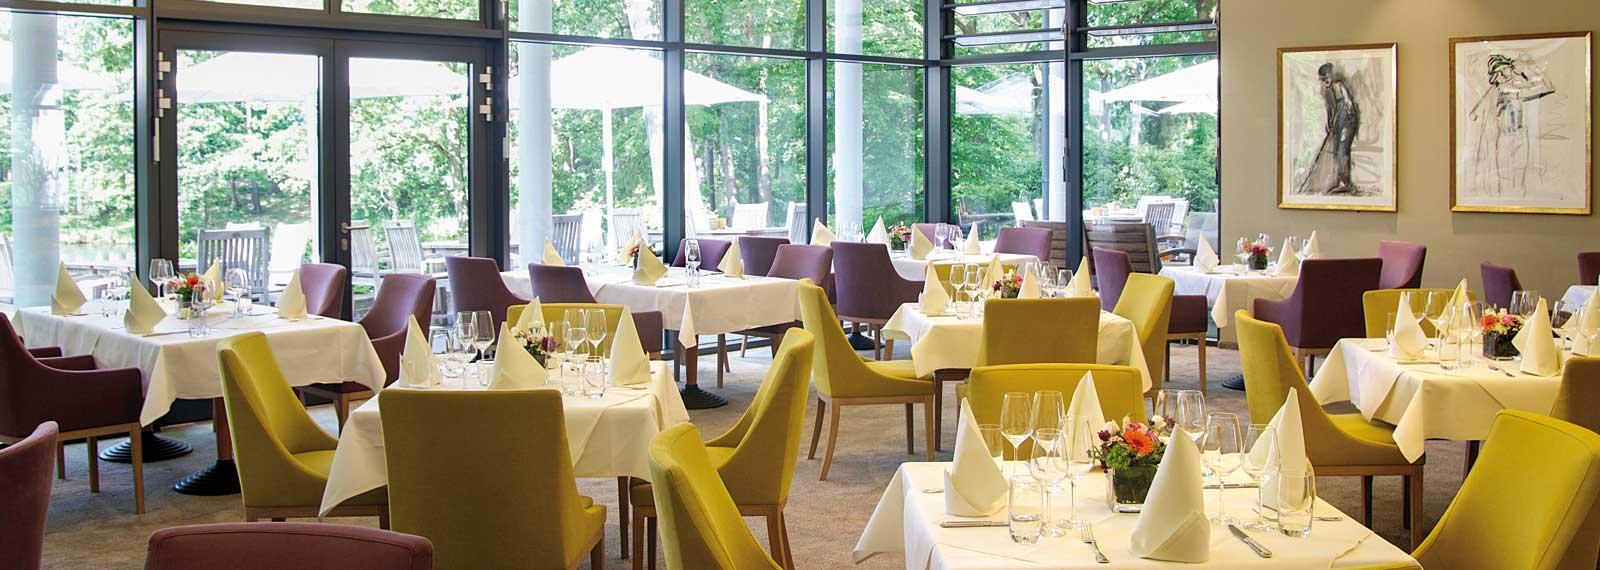 GLC-Gatronomie-Restaurant Wintergarten